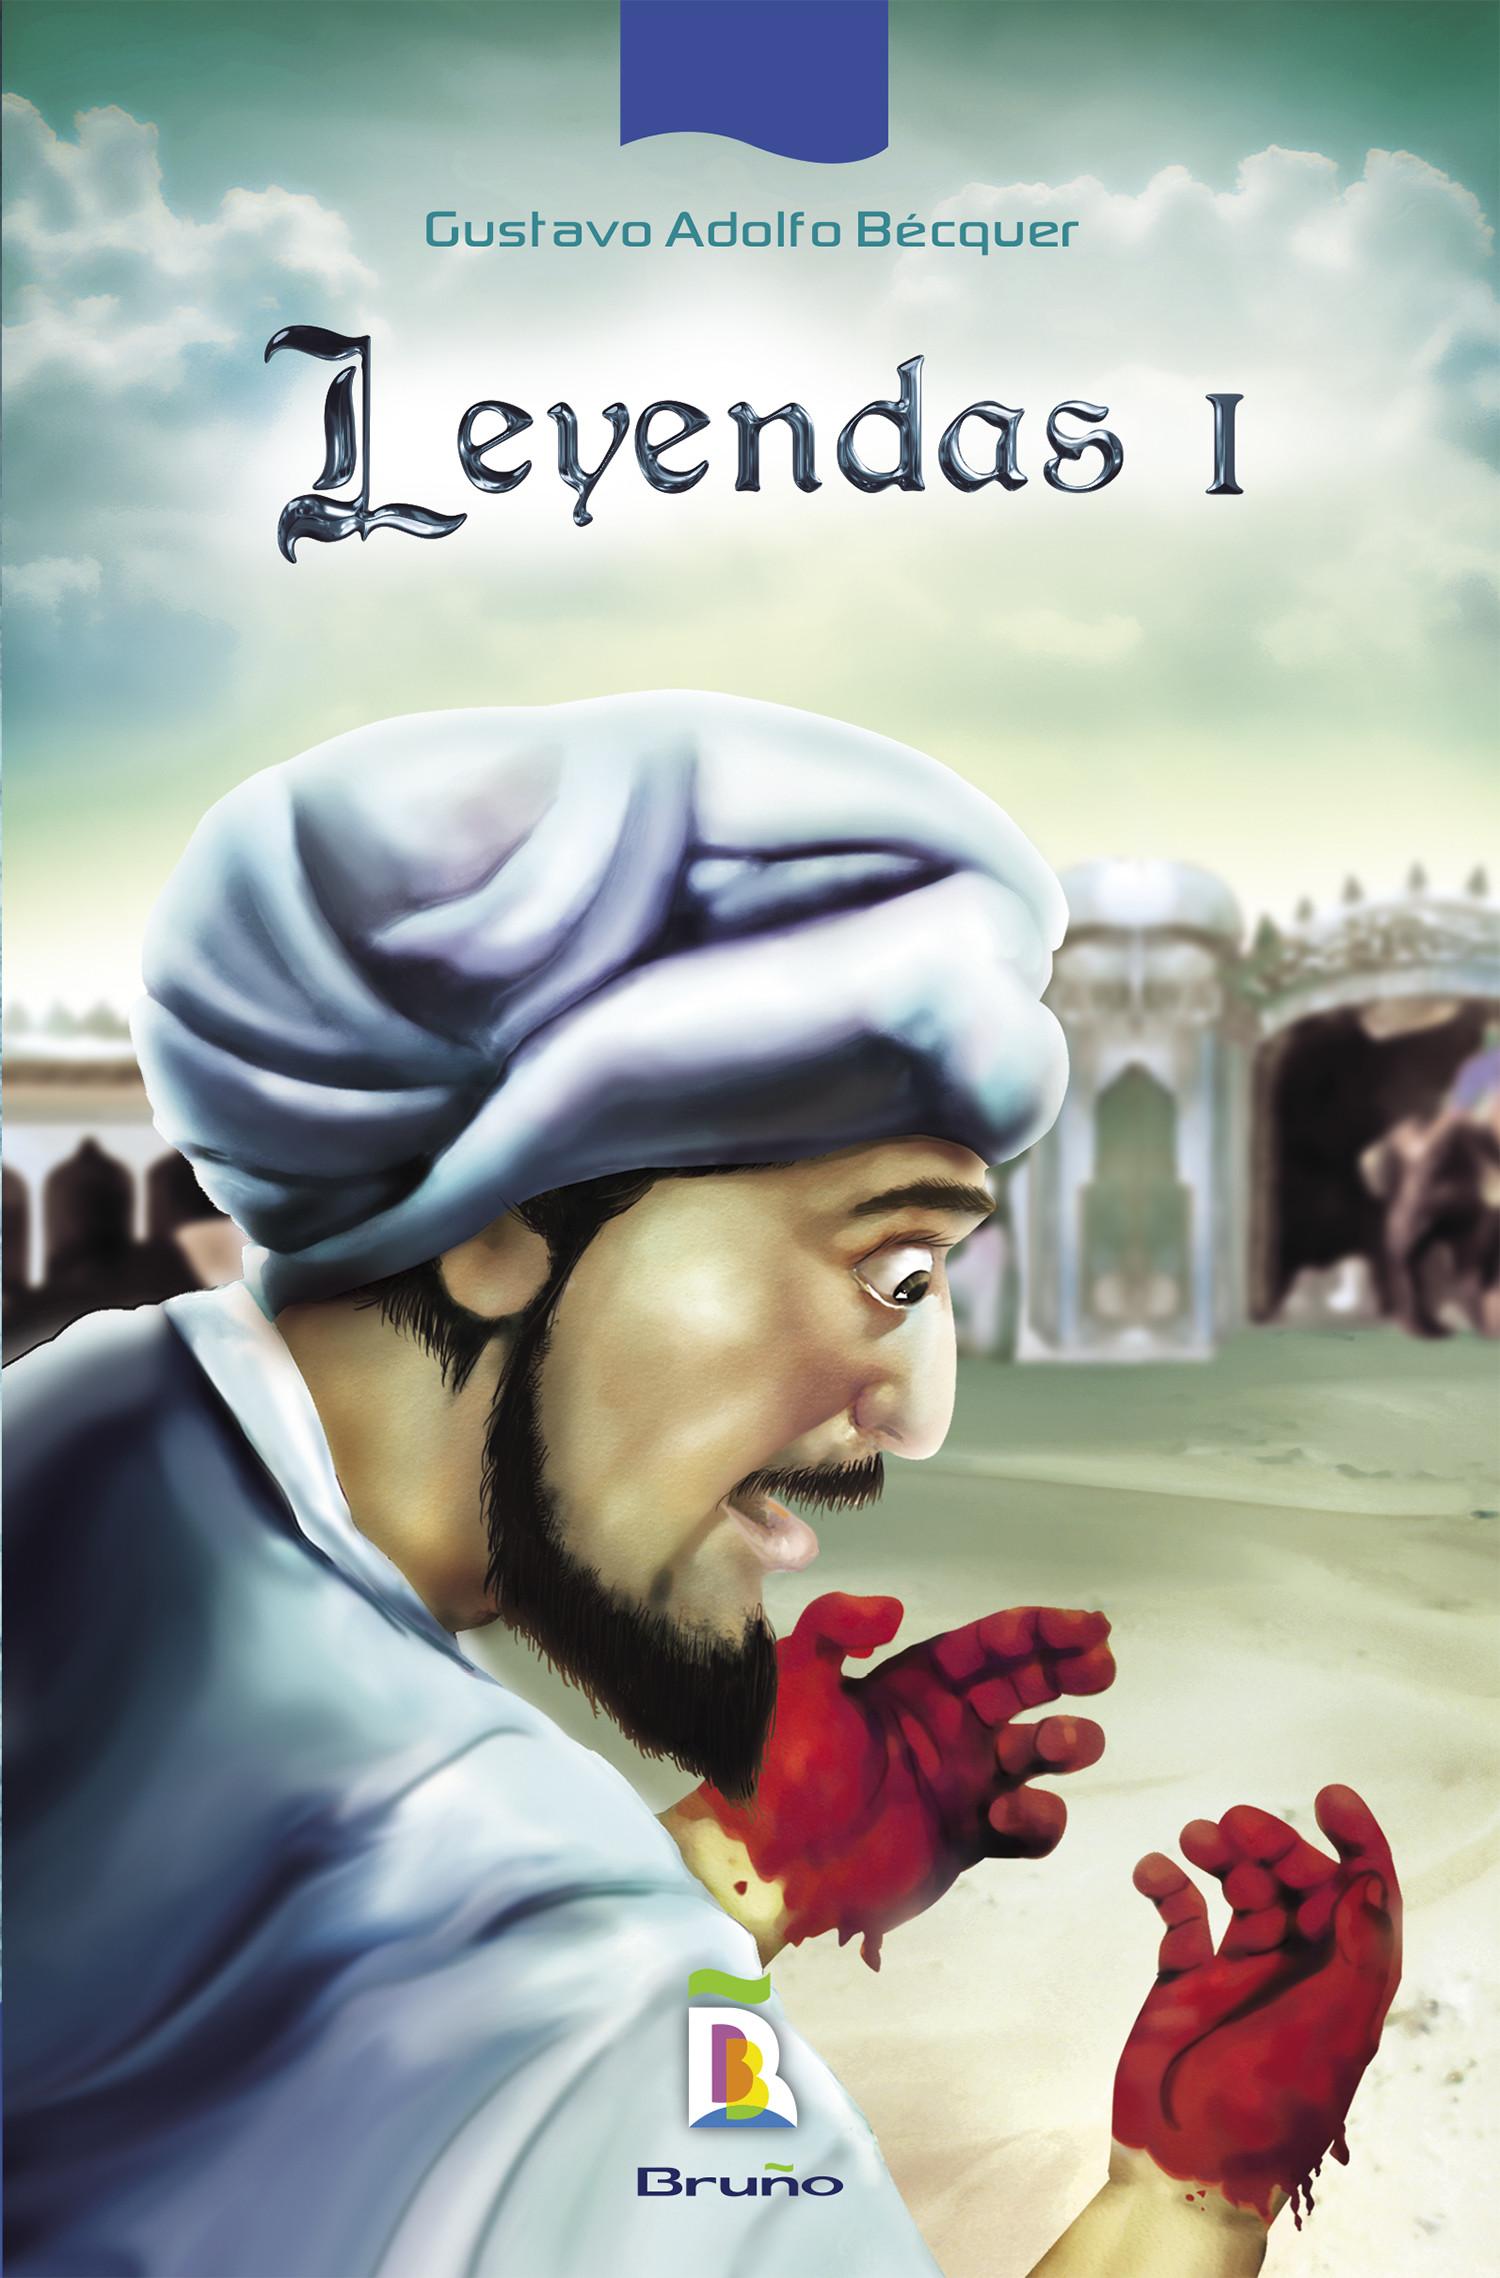 Leyendas 1